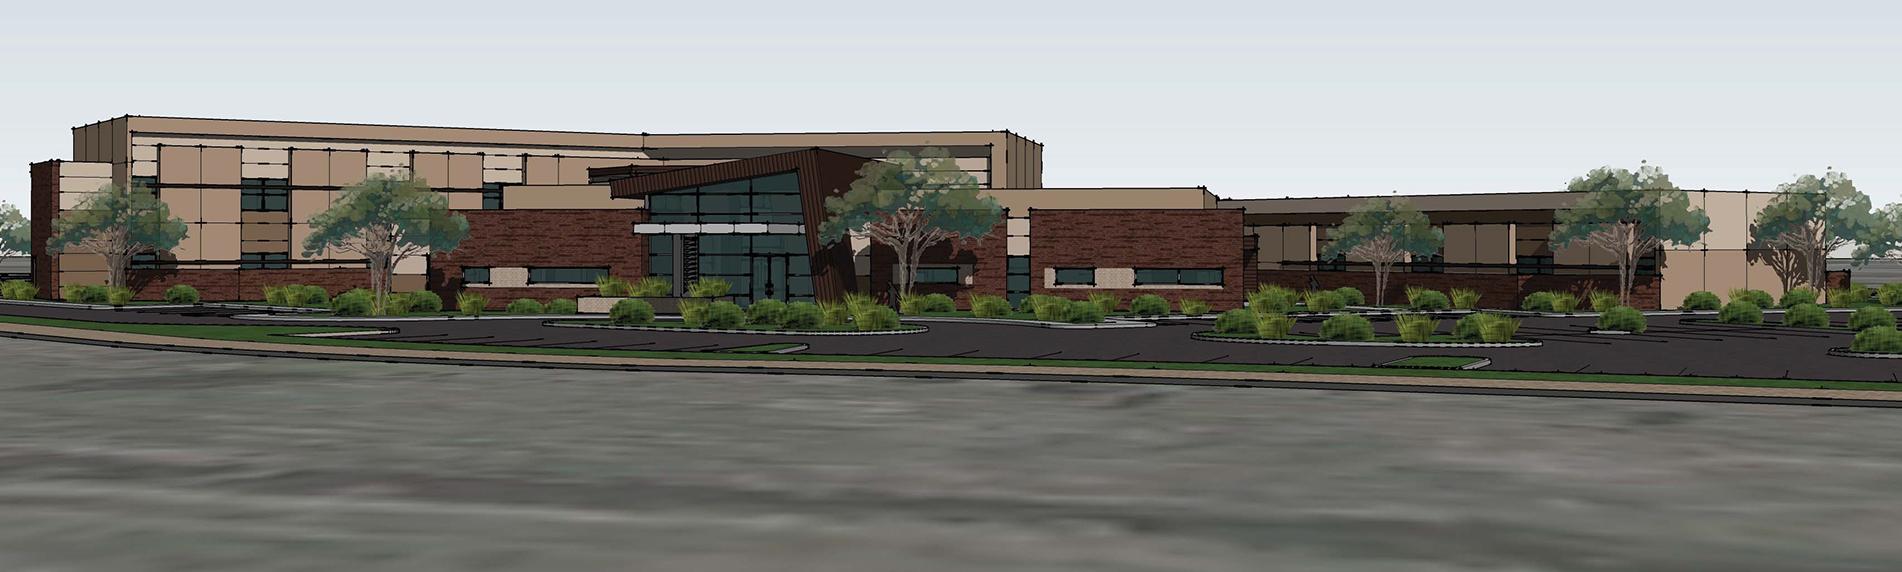 Sierra Center Behavioral Health Hospital